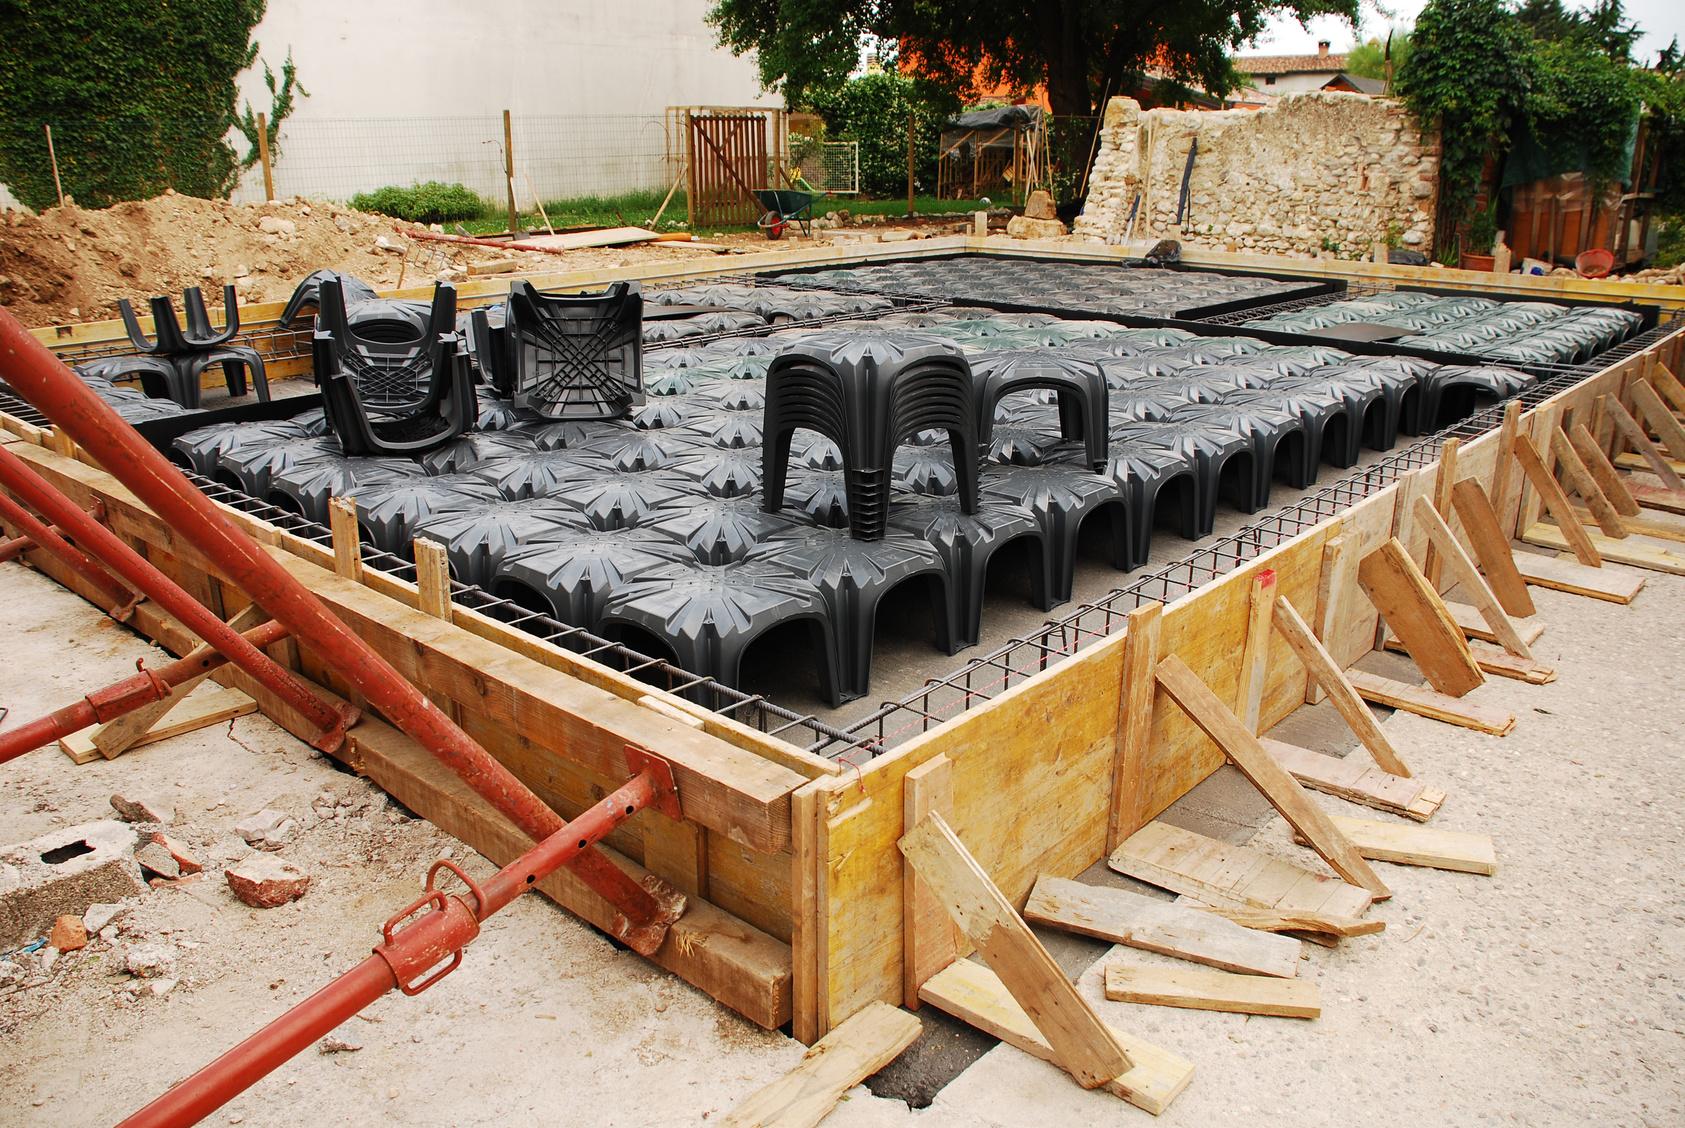 Spravny Postup Pri Stavbe Noveho Domu Z Hlediska Radonove Ochrany